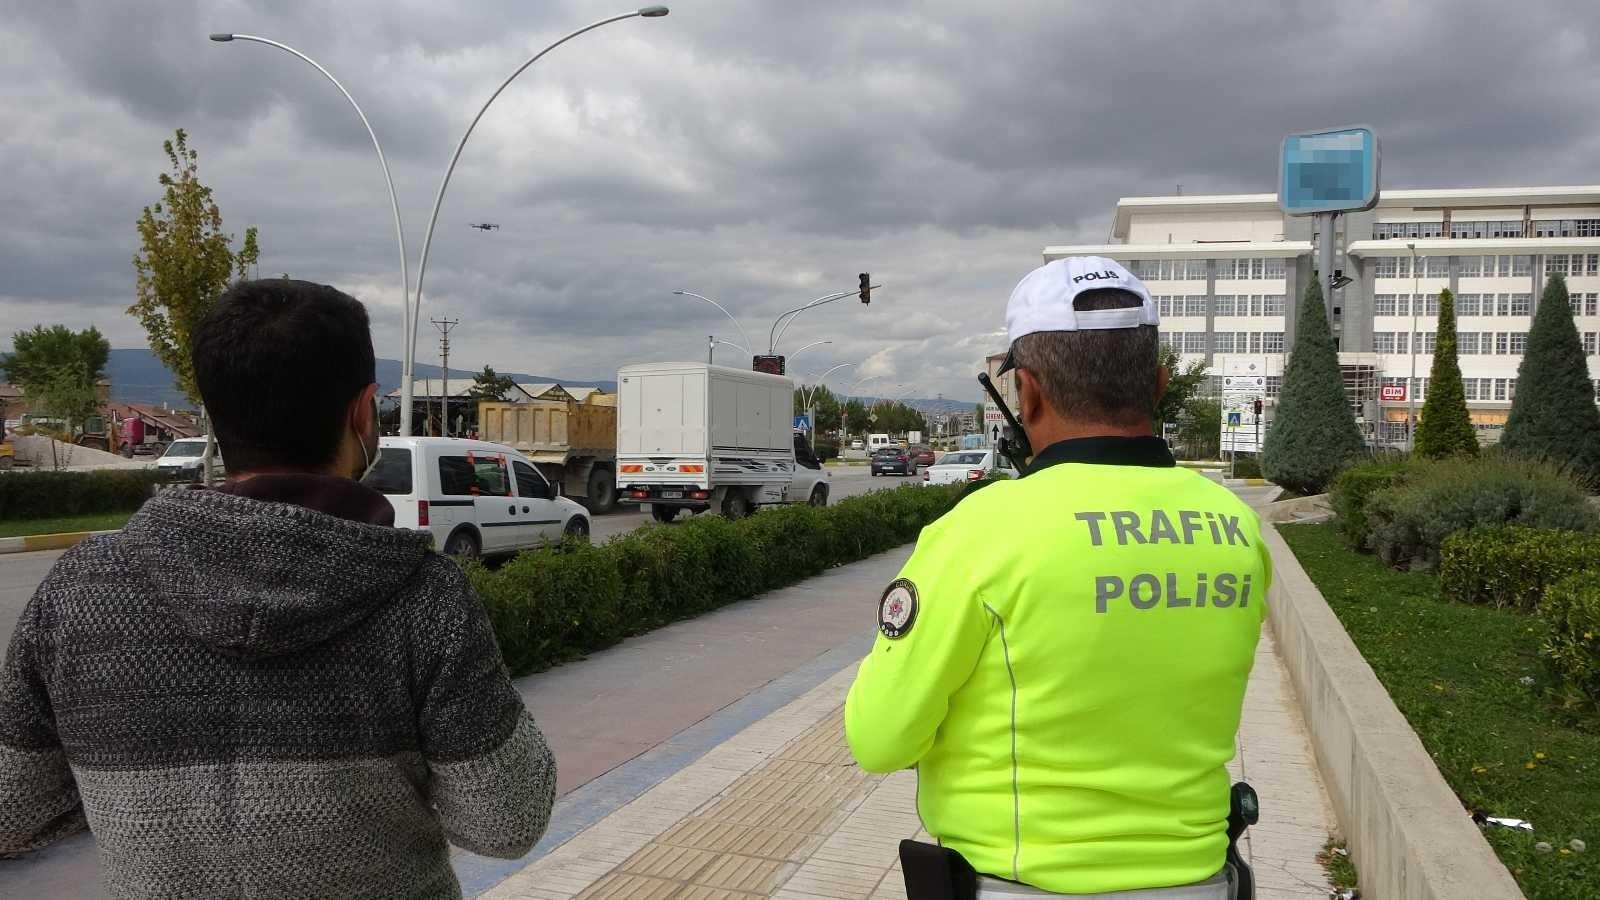 Kırmızı ışıkta geçti, 314 TL cezayı duyunca indirim istedi #corum